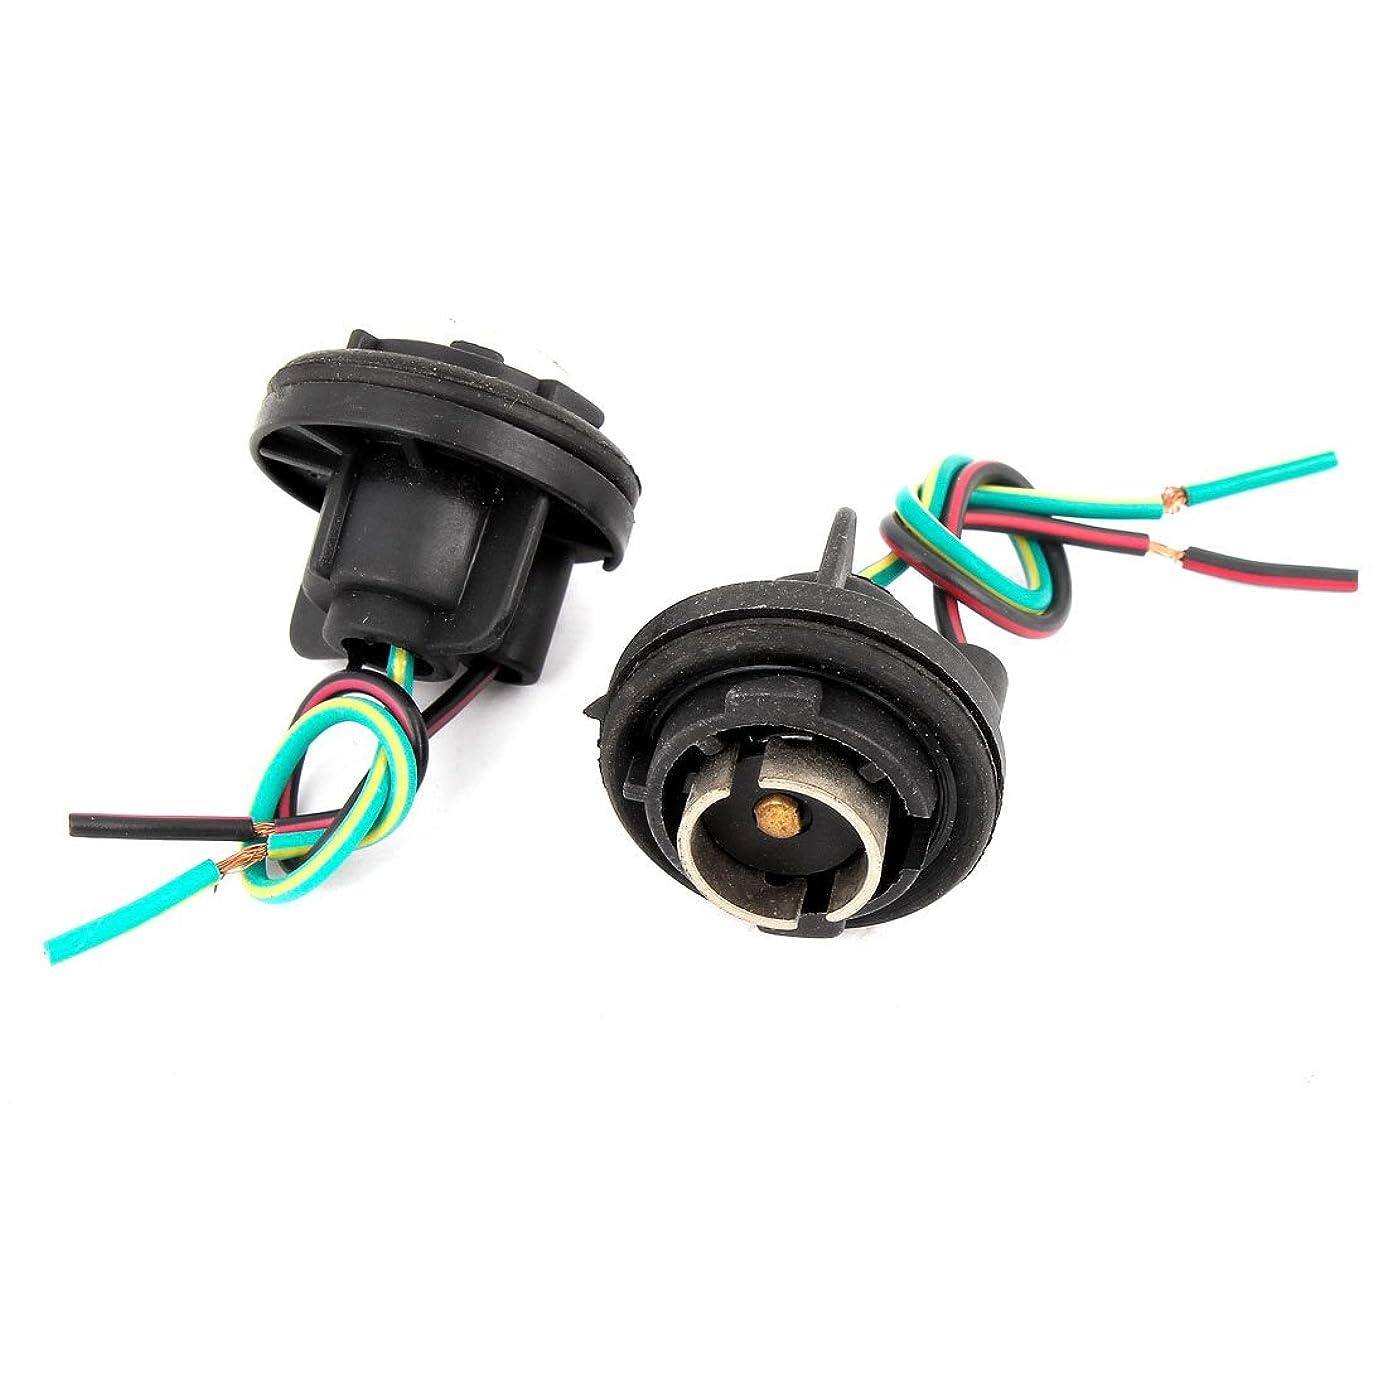 むしろダイバー不適当uxcell カー ライトソケット ハーナス 1156ブレーク ター シングル ワイヤ LED 2本入り